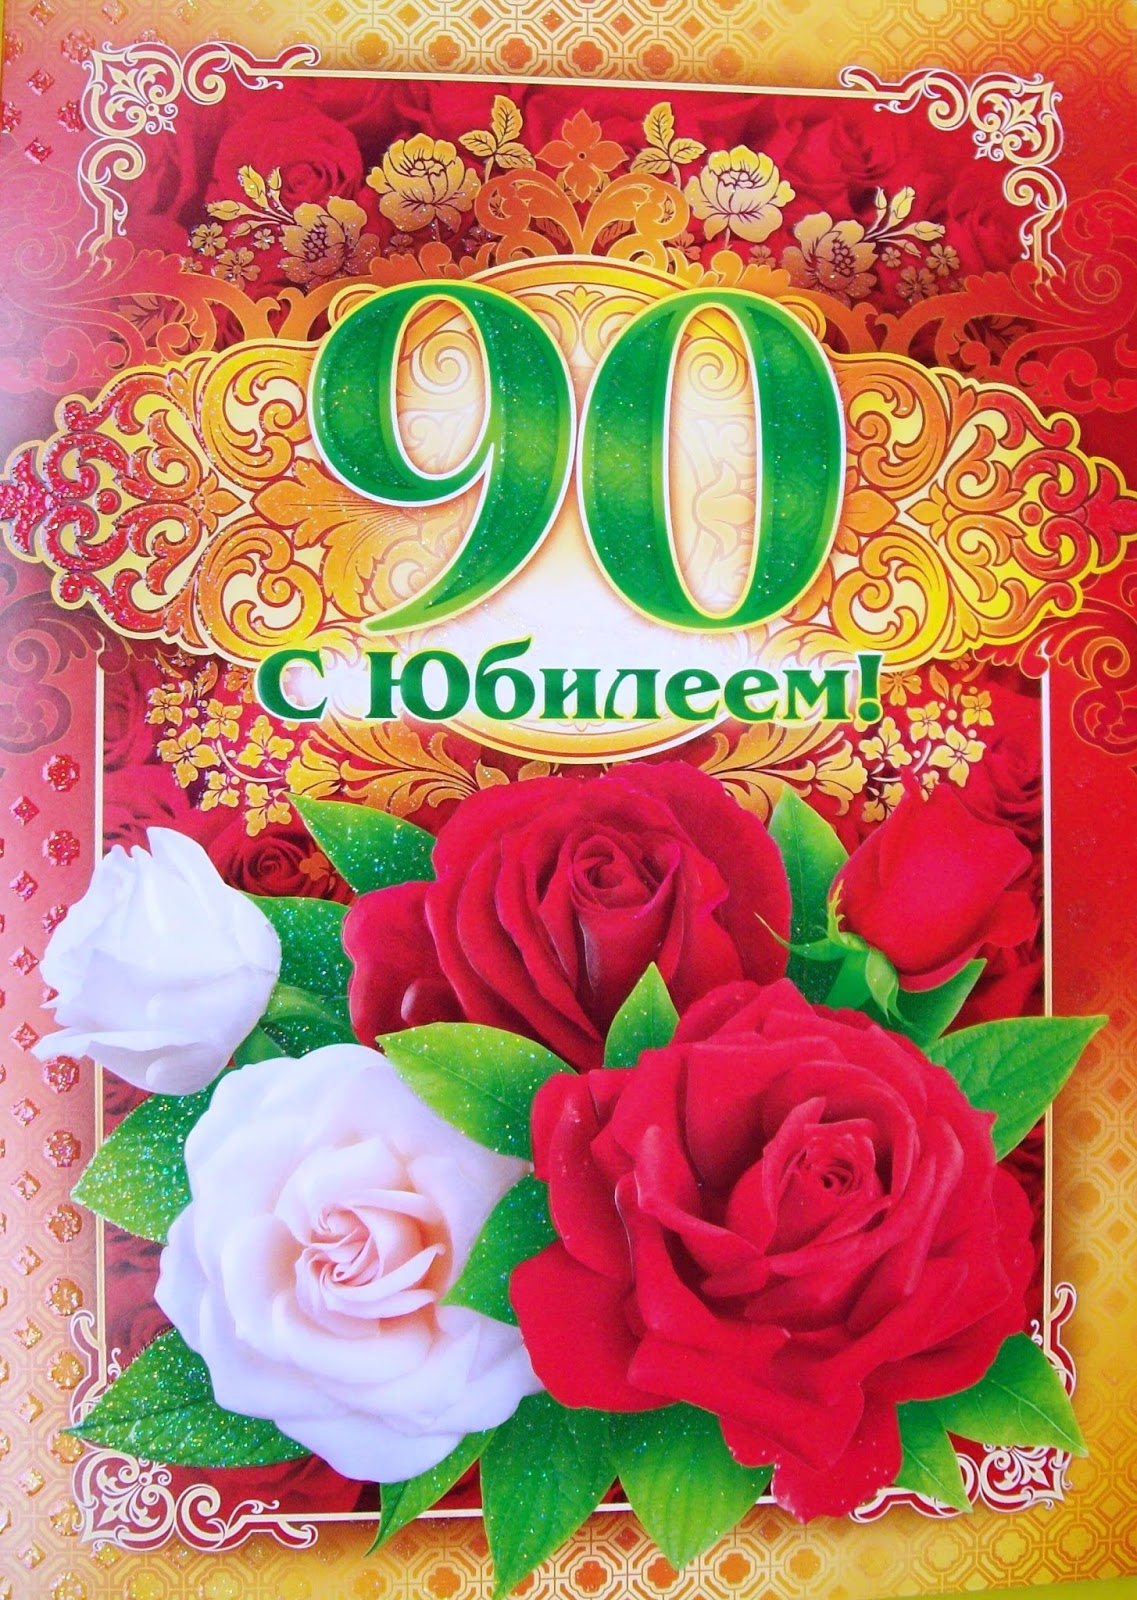 Картинки с юбилеем 90 лет